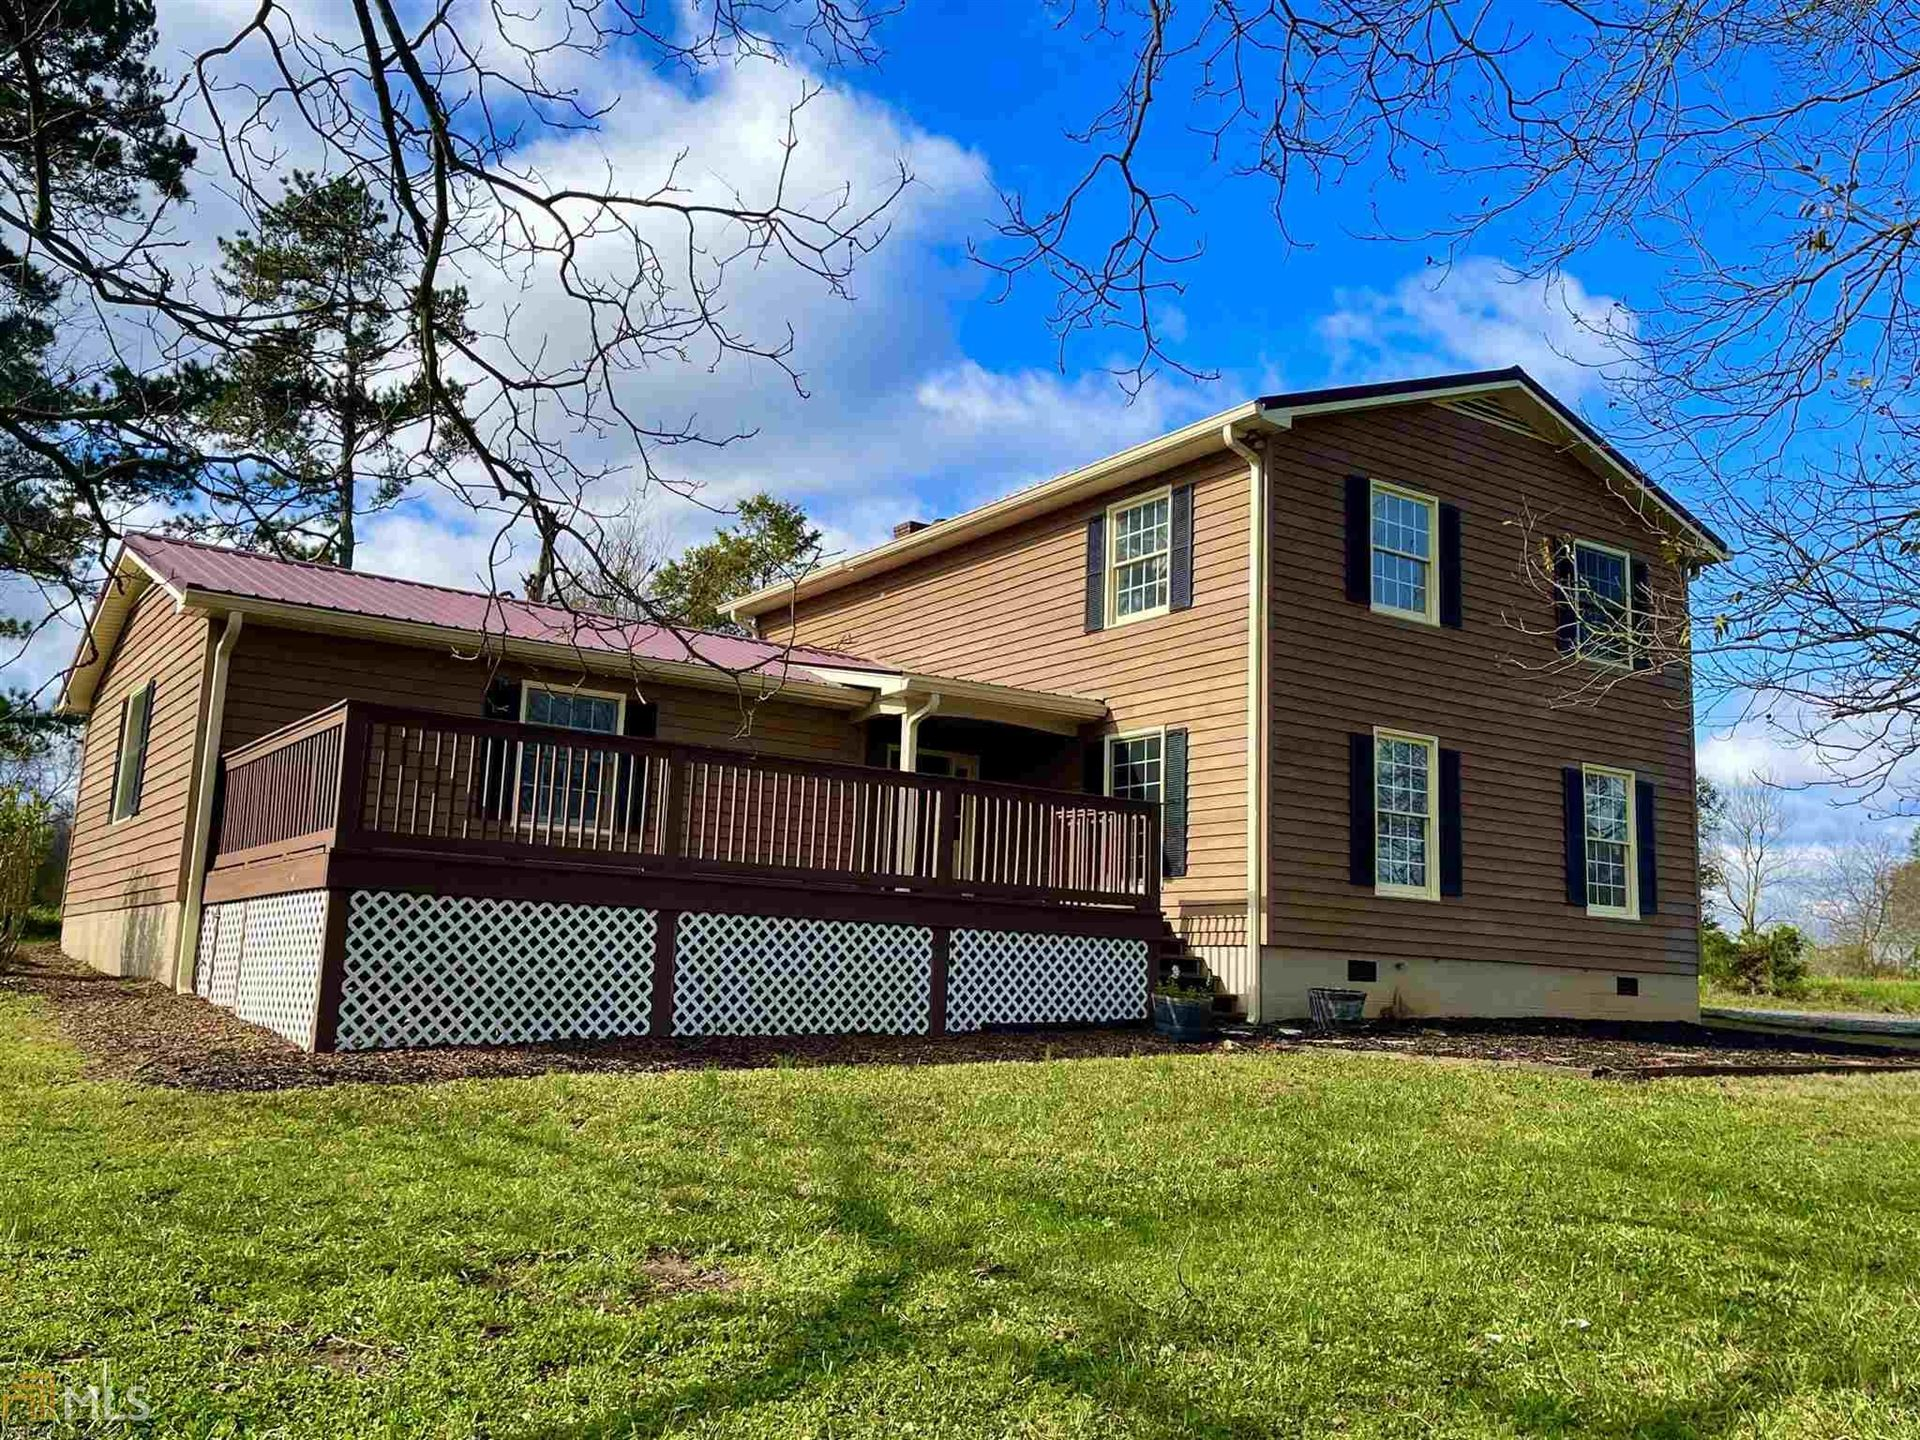 189 Wesley Chapel Rd, Danielsville, GA 30633 - MLS#: 8895754